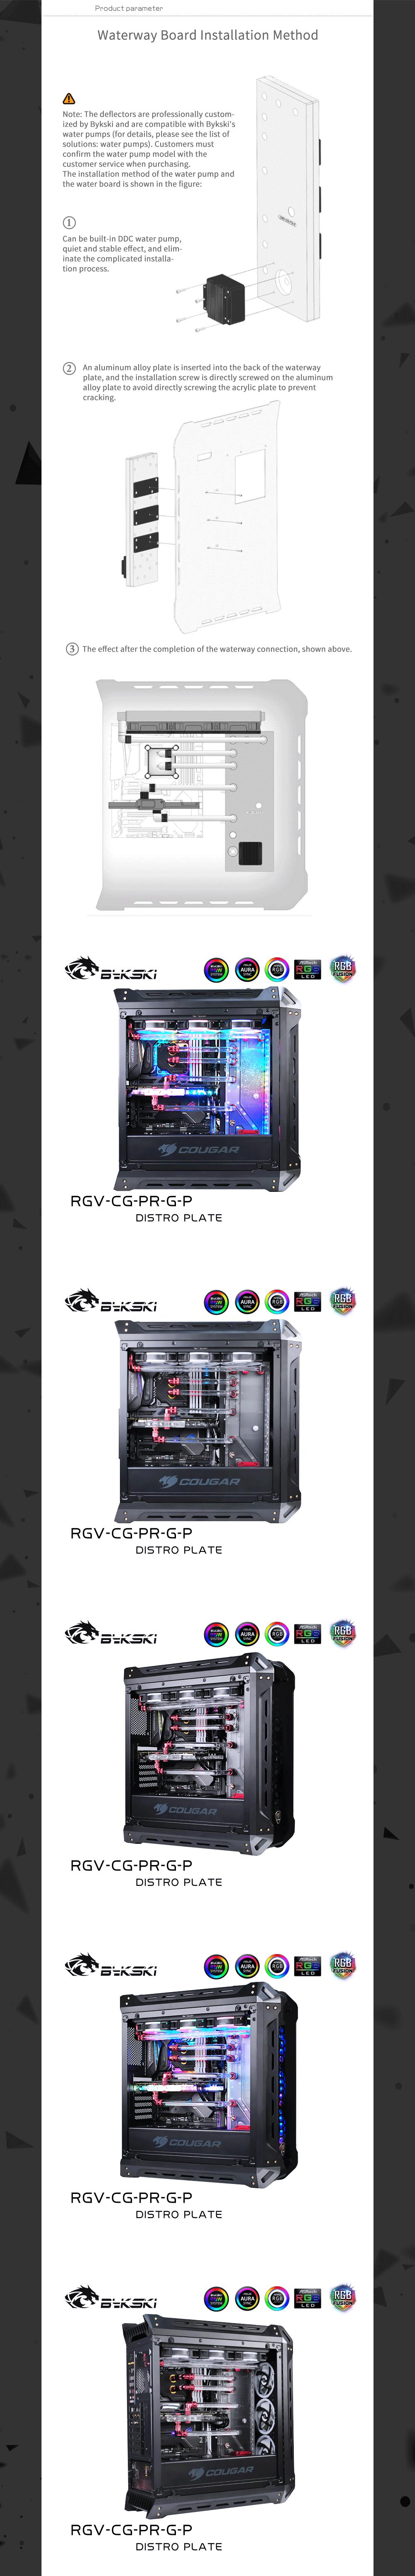 Bykski Waterway Cooling Kit For COUGAR Panzer G Case, 5V ARGB, For Single GPU Building, RGV-CG-PR-G-P